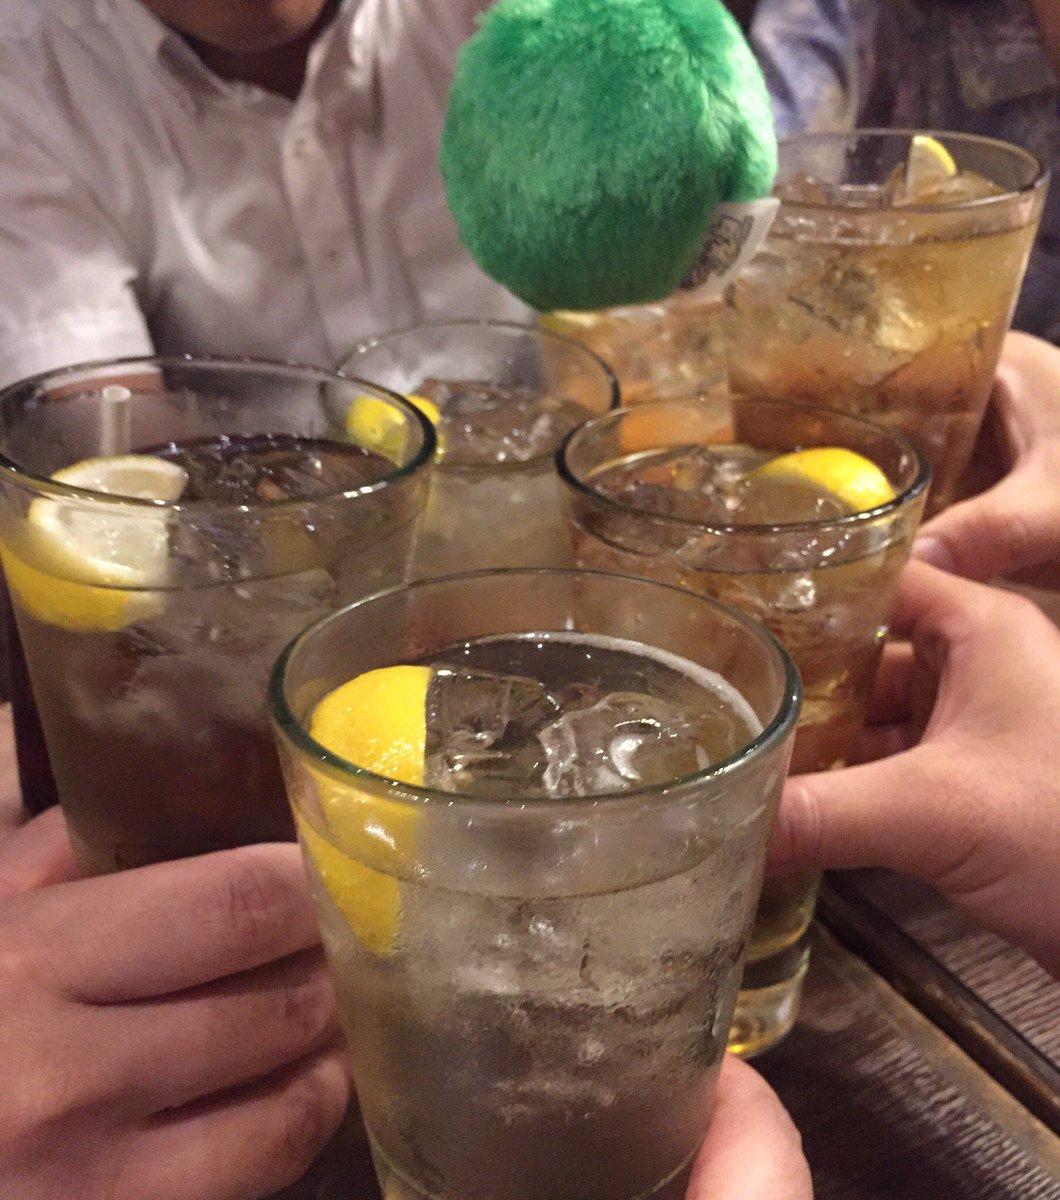 お疲れさマ゛ーーーーーー!とりあえず……ハイボール🍻(みんな成人済み)#ダメラジ #agqr#とりハイ #乾杯#マリモちゃんも乾杯#ダメじゃない乾杯#イベント内でやり忘れた乾杯#皆はダメじゃないグラスで乾杯を